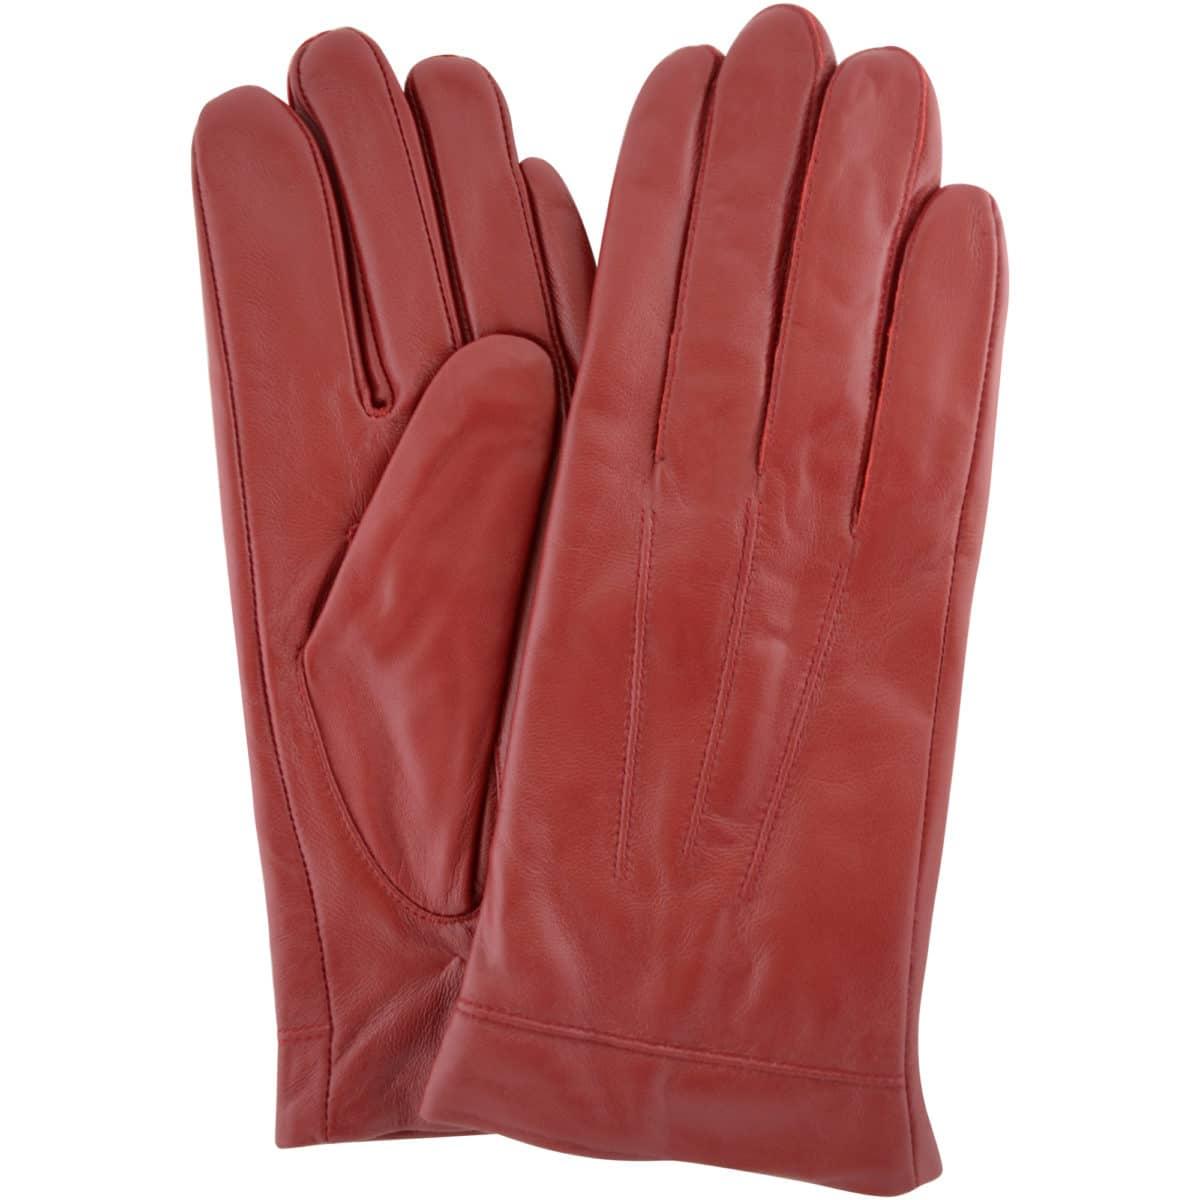 Mavis - Leather Gloves Three Point Stitch - Red